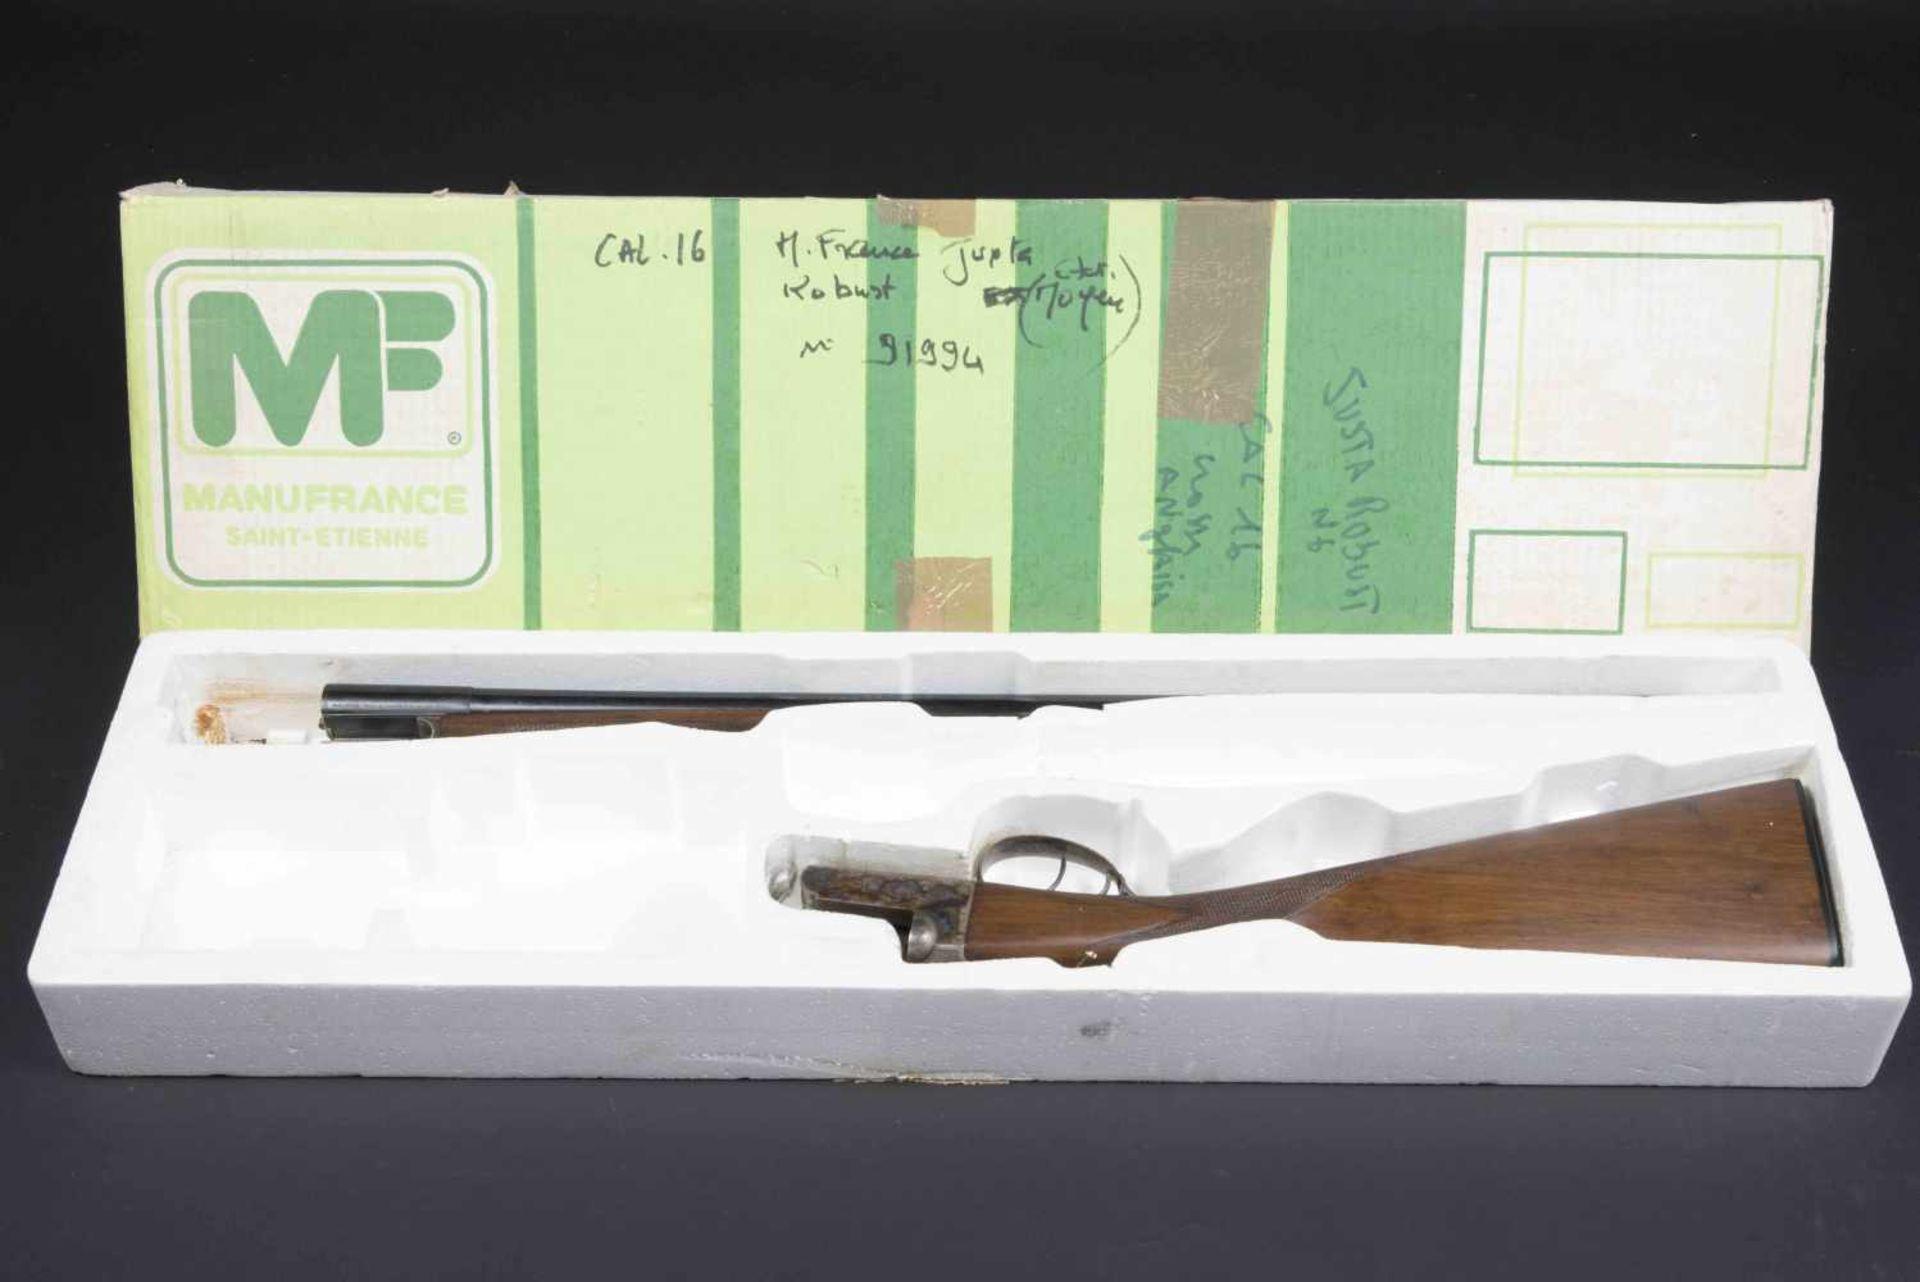 Fusil de chasse juxtaposé Robust Catégorie C Calibre 16, numéro 91994, canon marqué Manufacture